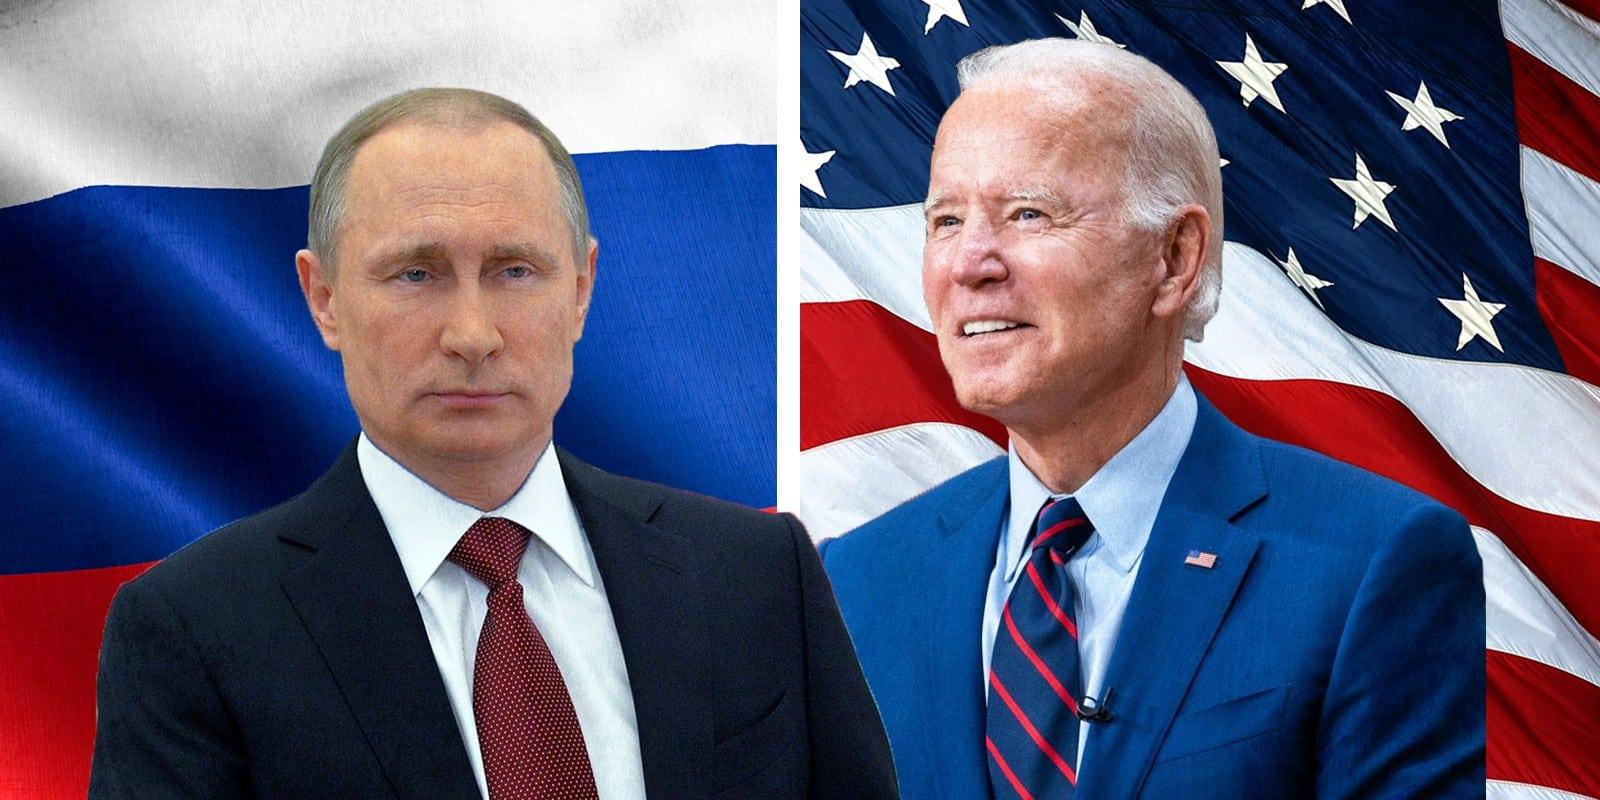 ביידן ופוטין, ברקע דגל אה״ב ודגל רוסיה